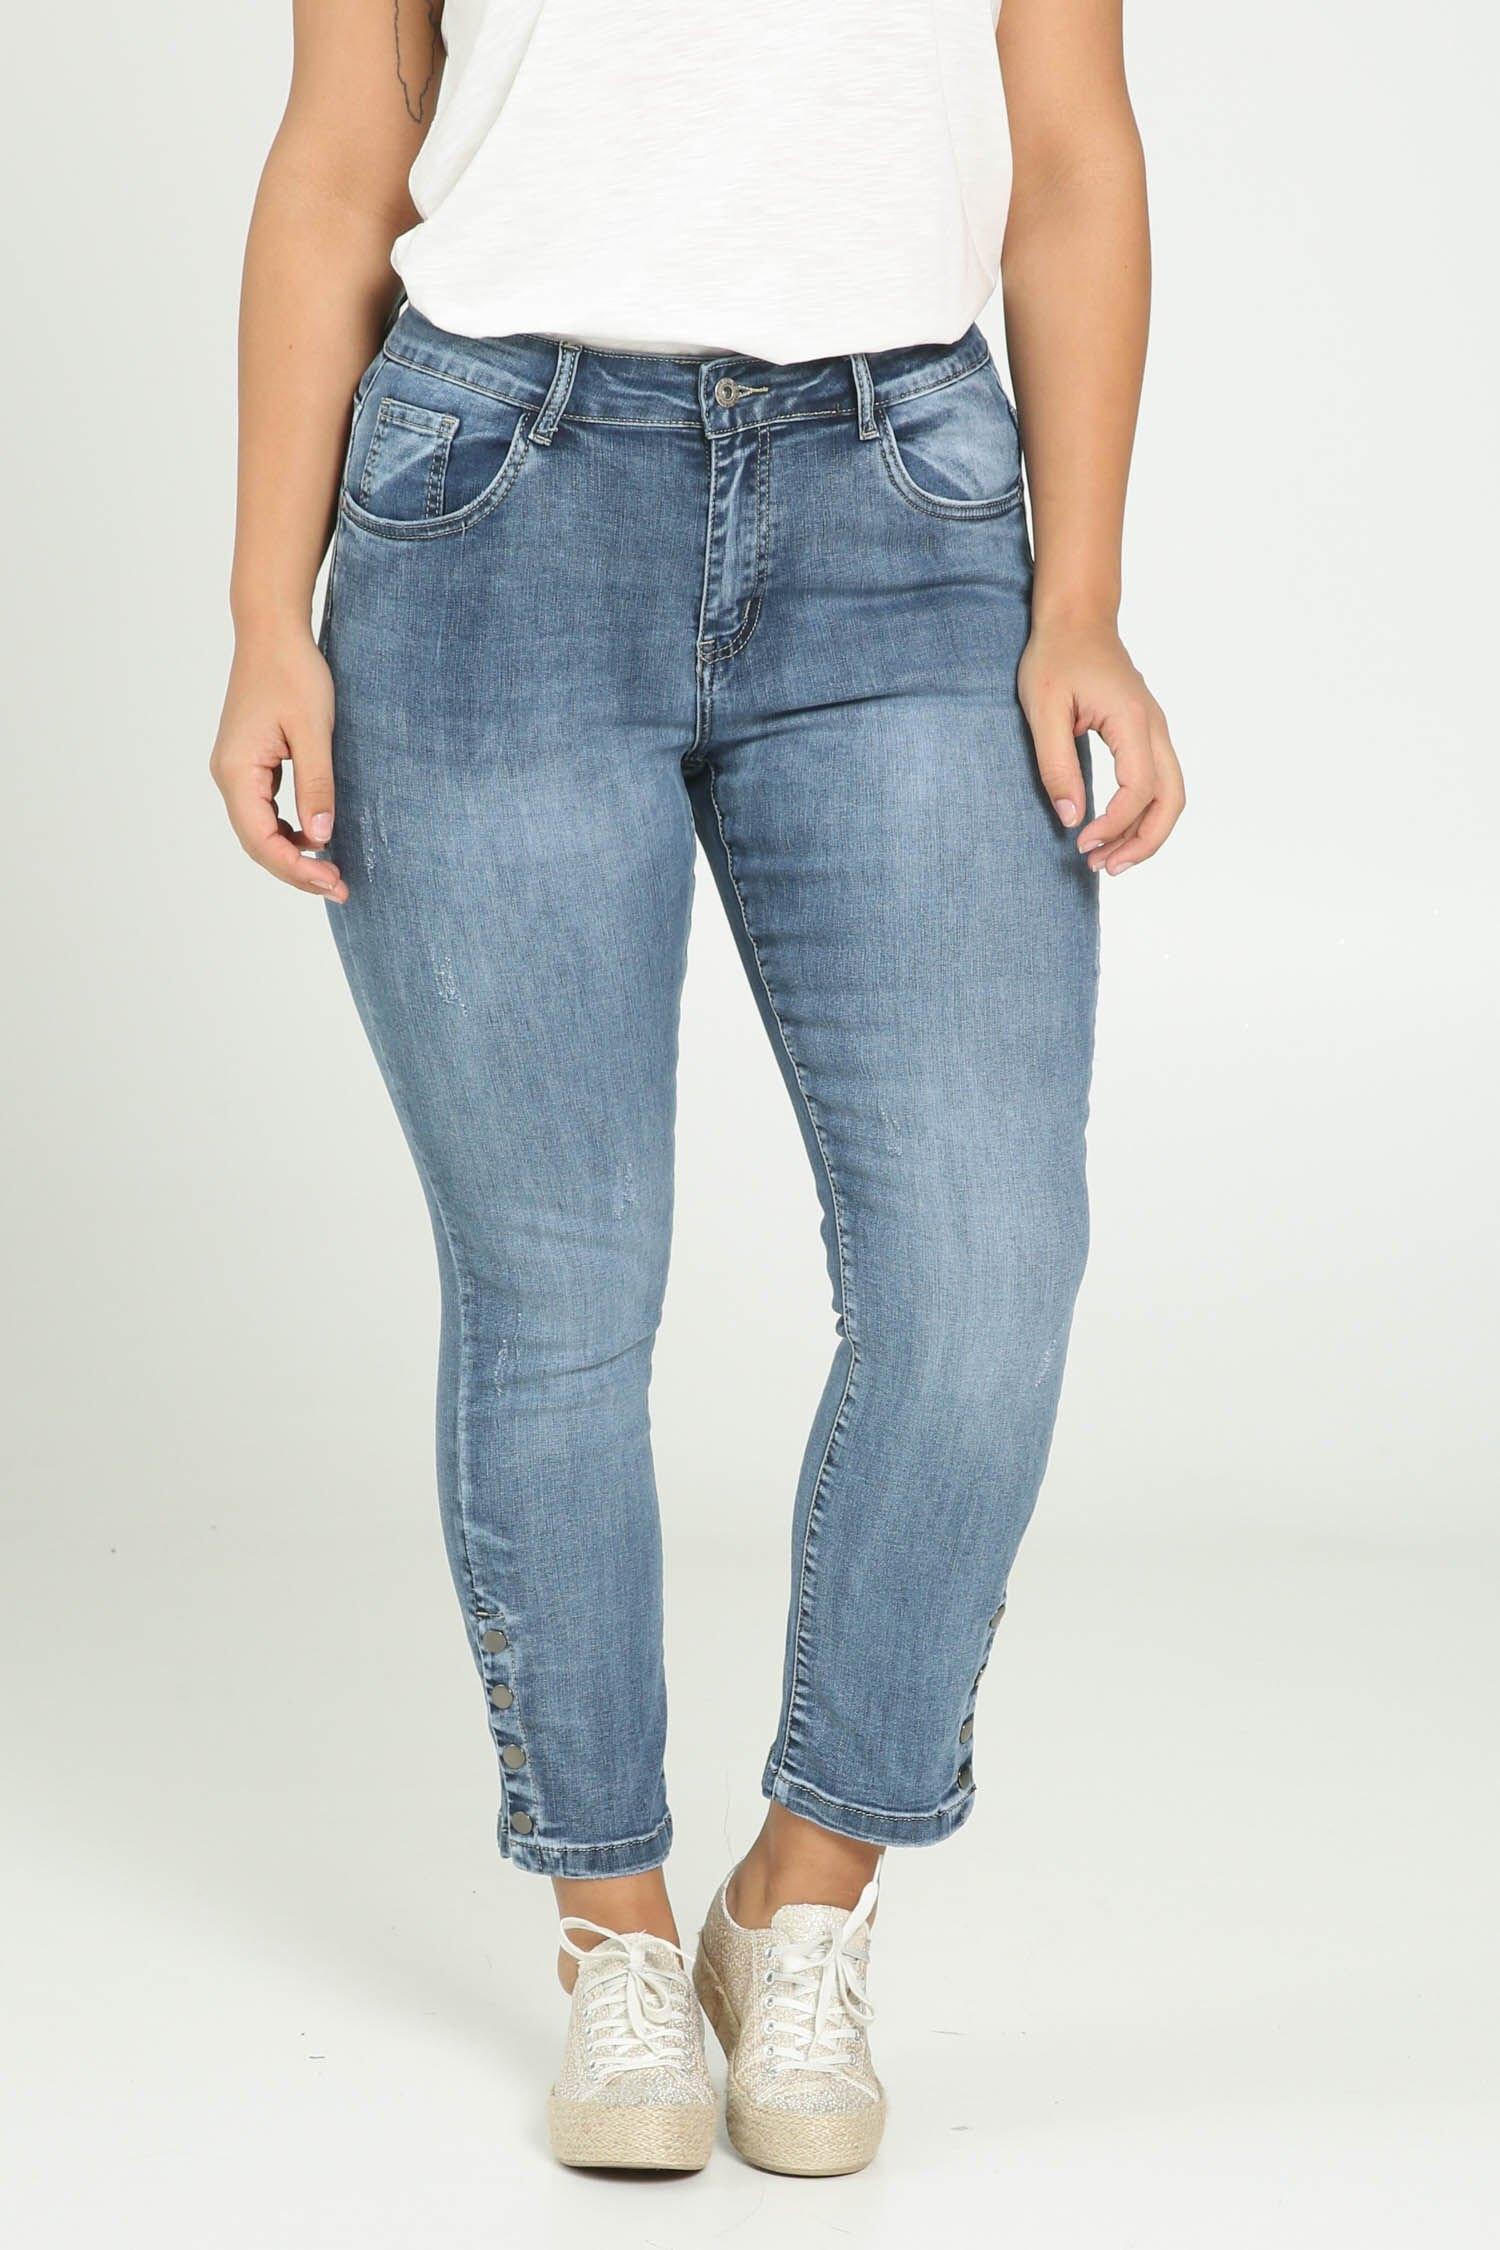 Paprika wijde jeans voordelig en veilig online kopen